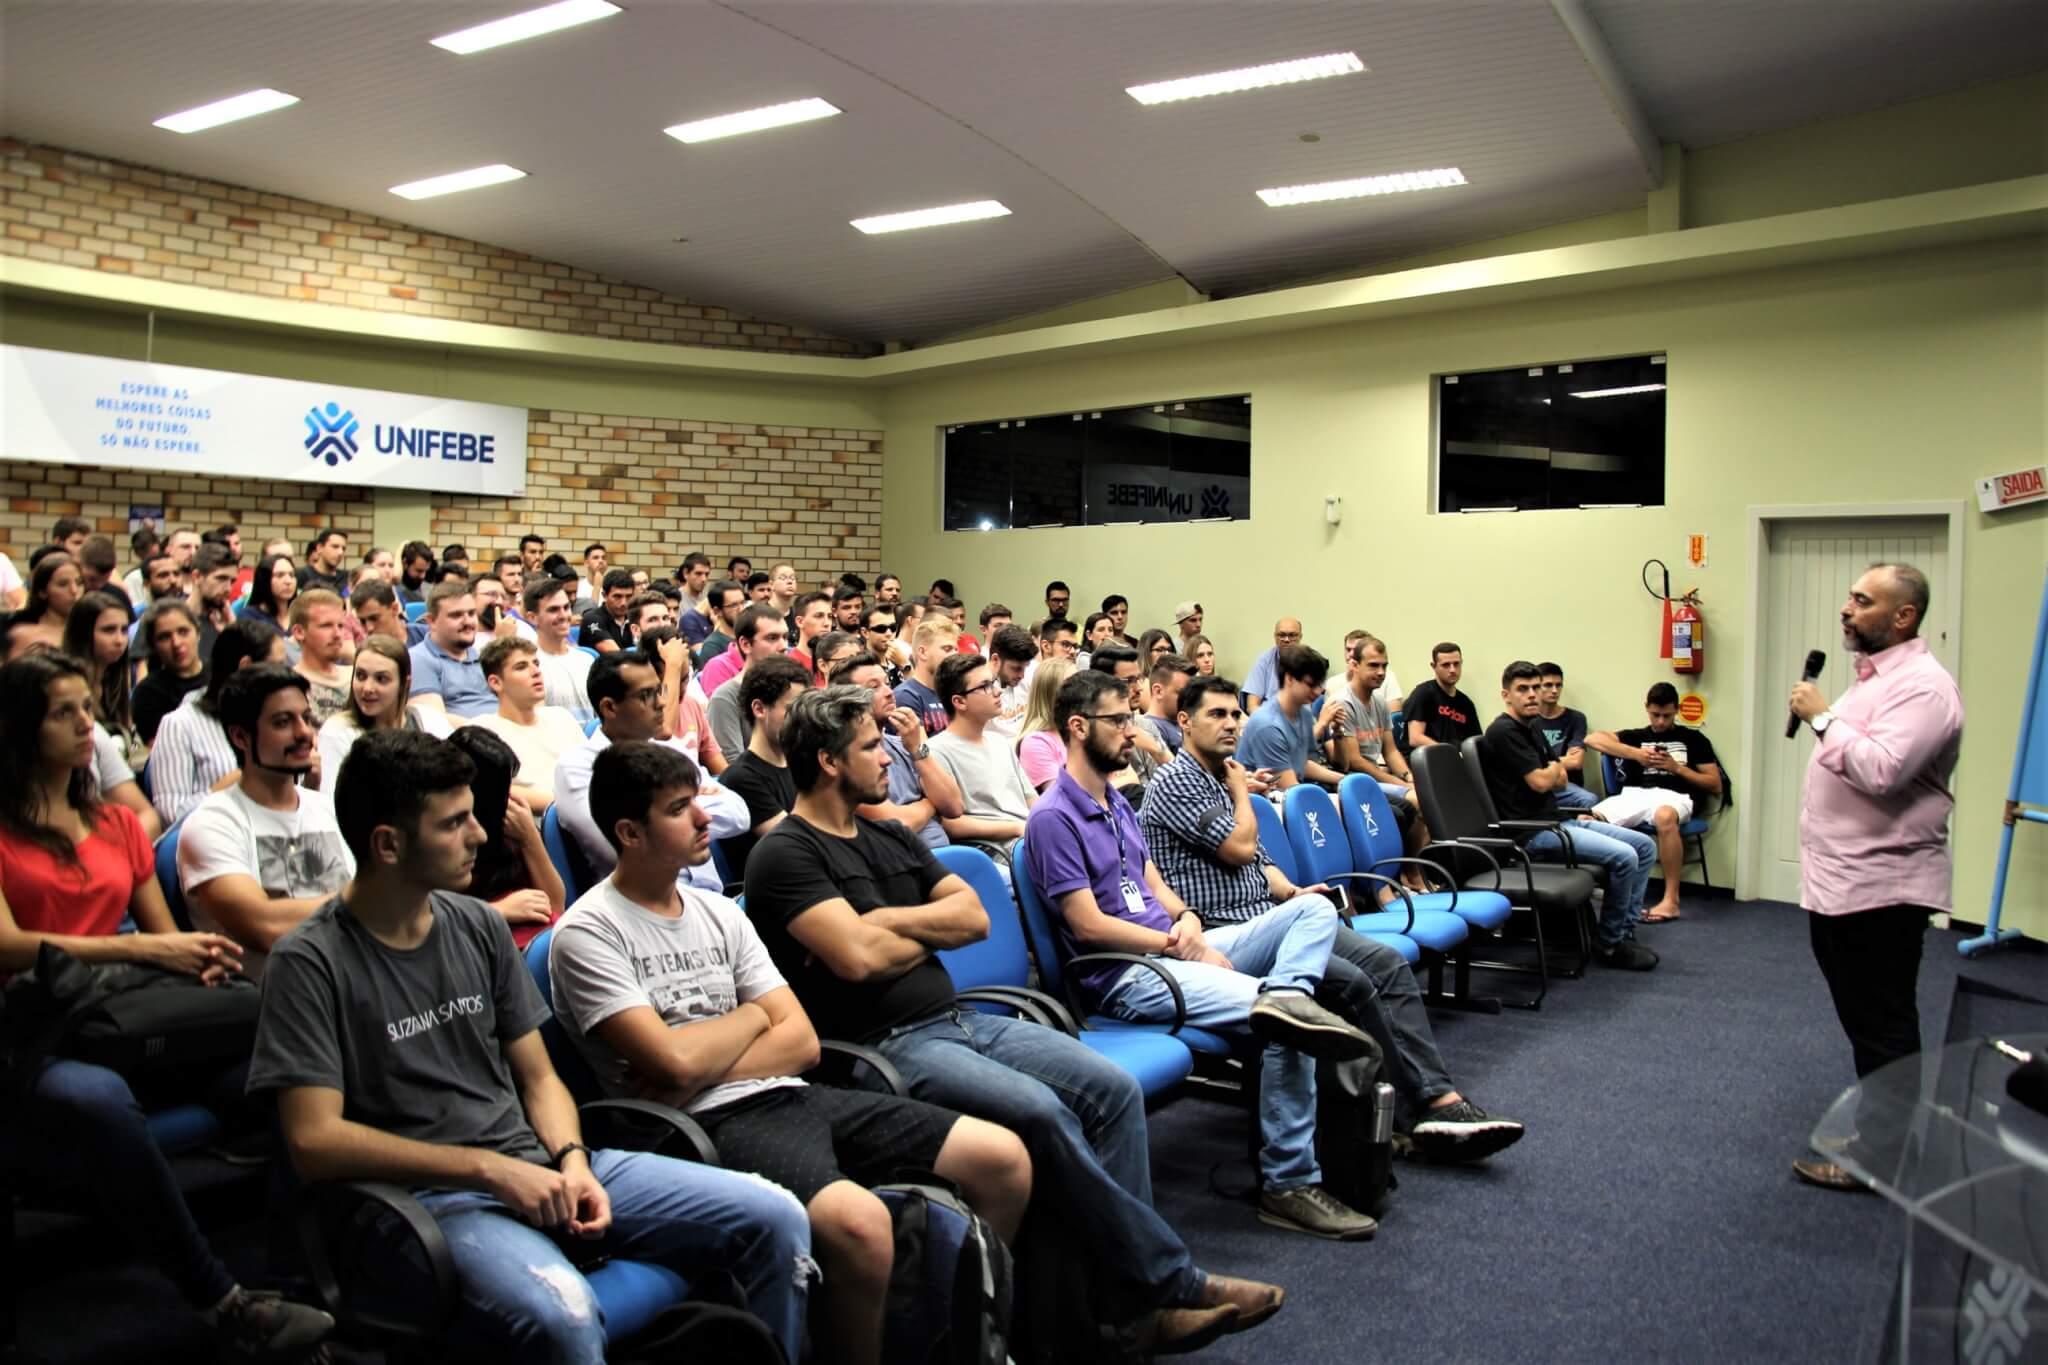 Curso de Engenharia Civil desafia alunos a construir bola de concreto